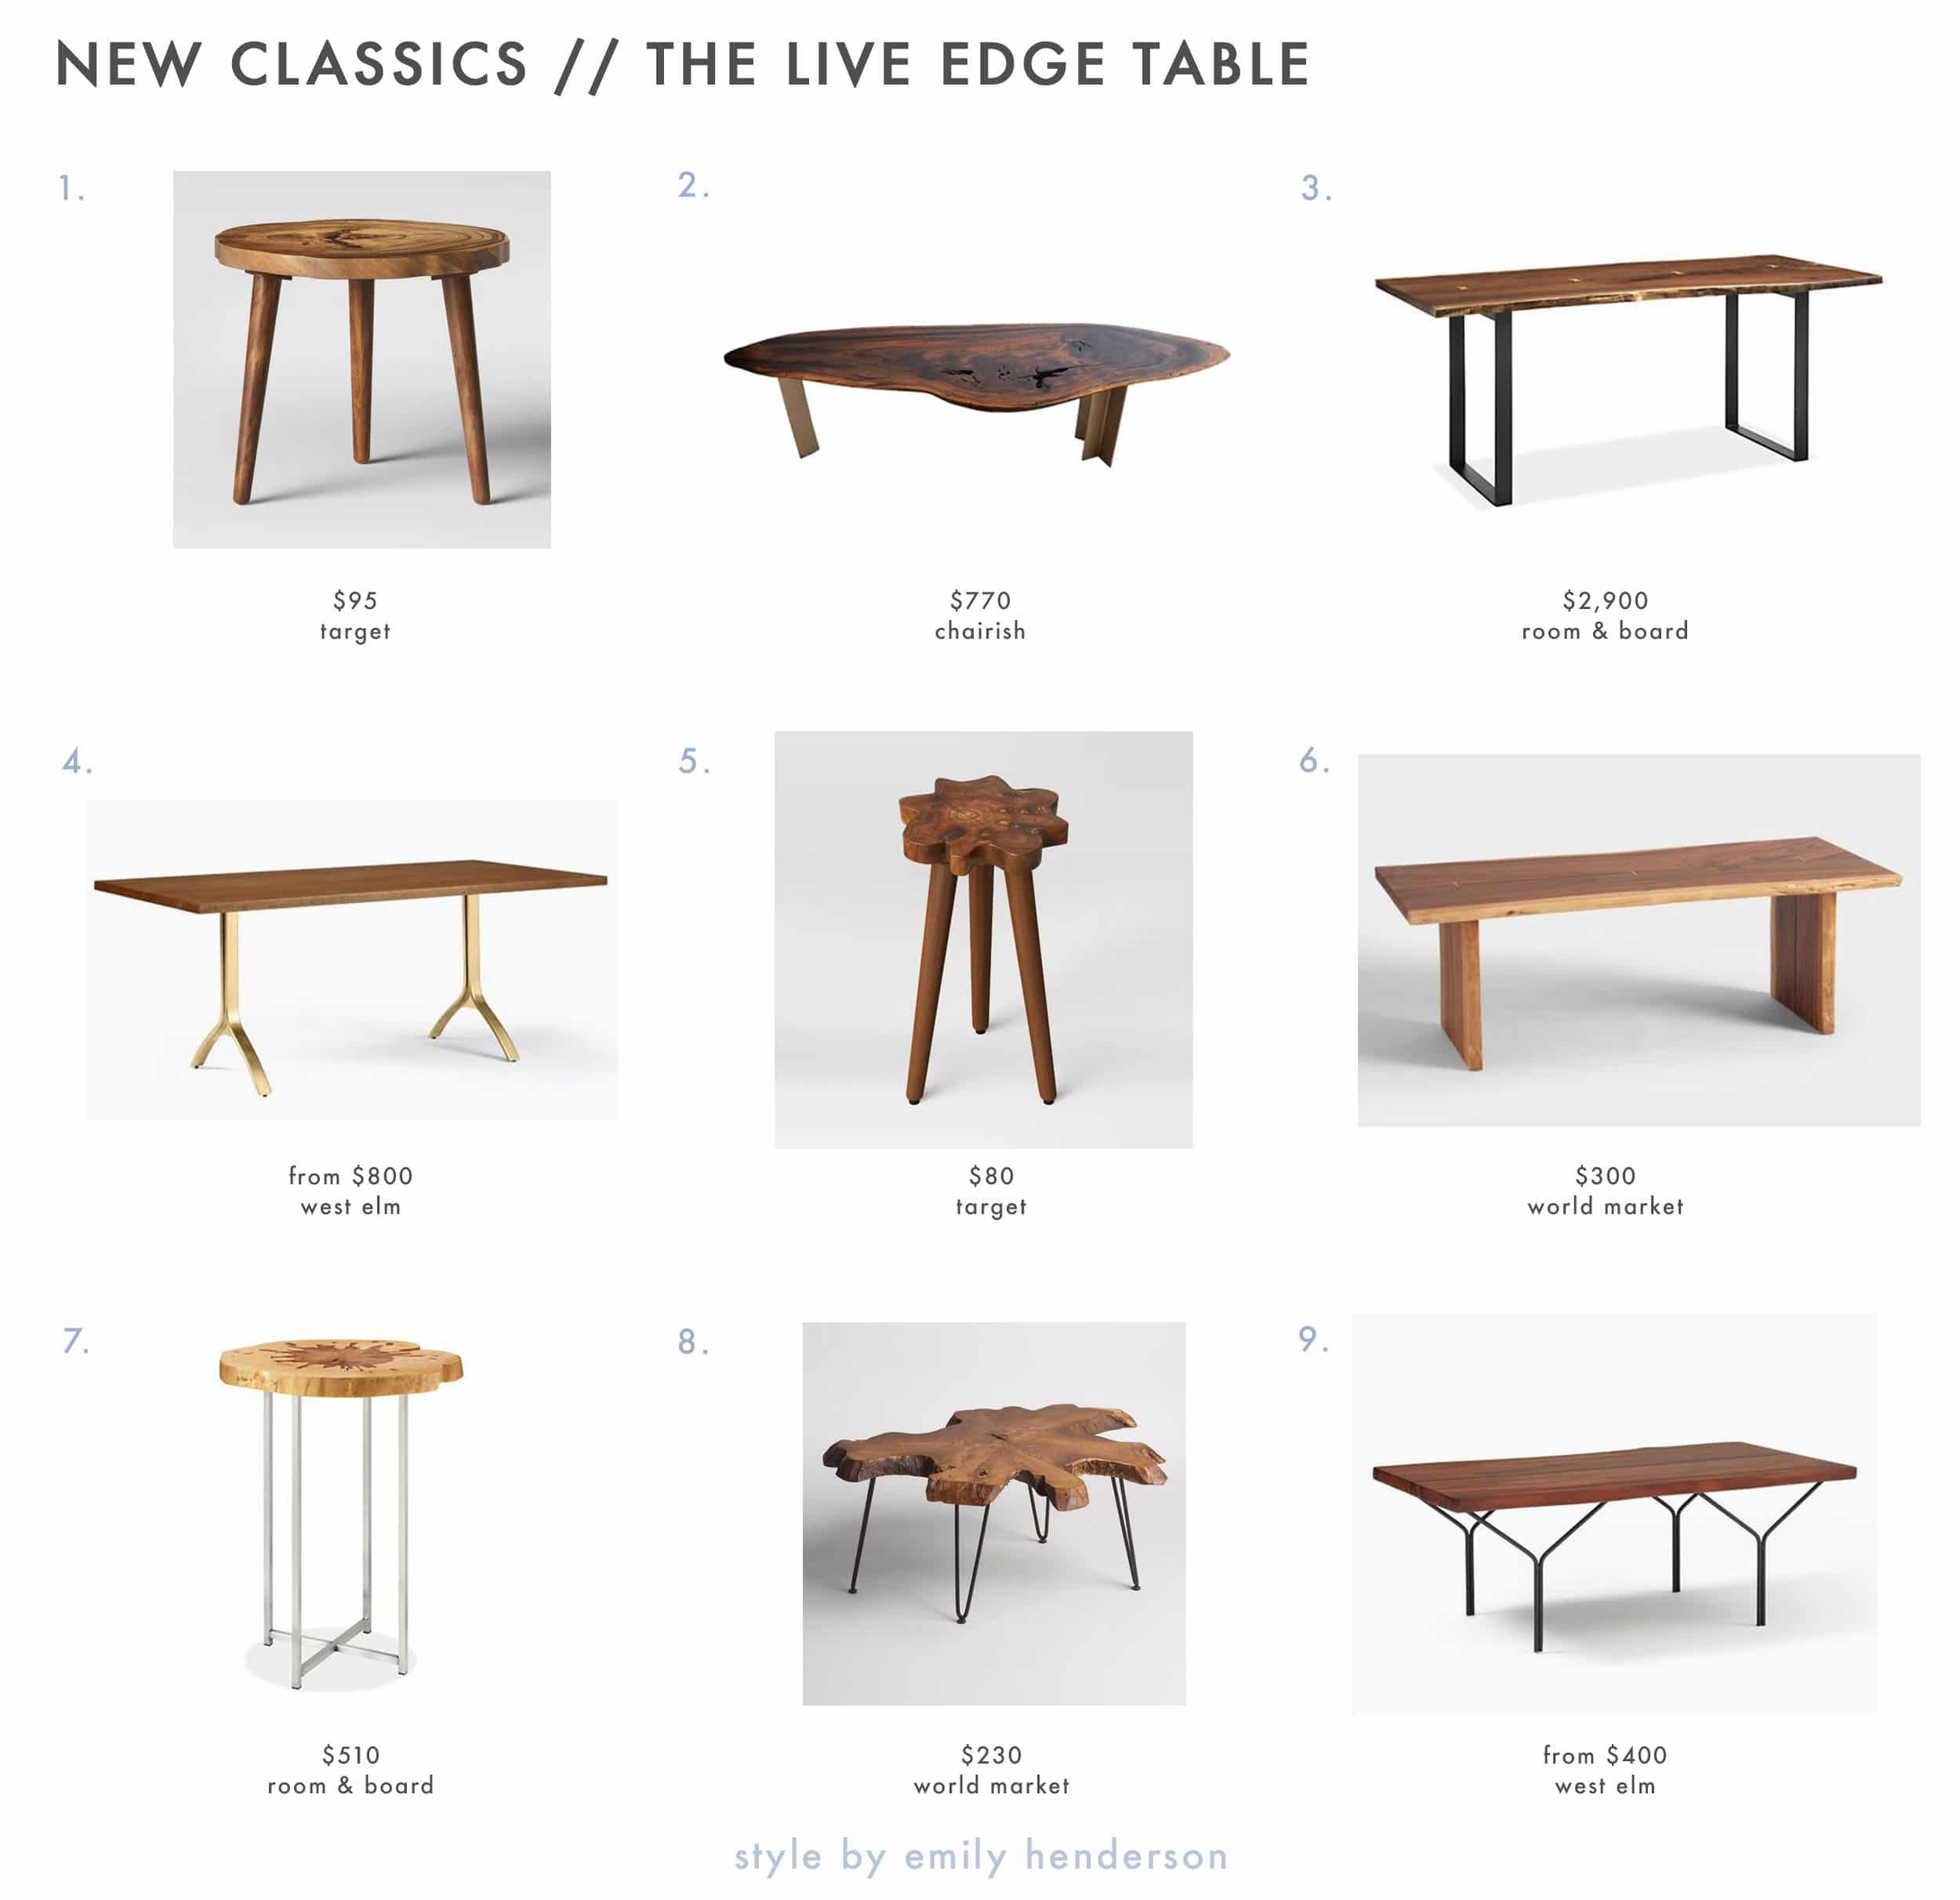 New Classics Tables 2